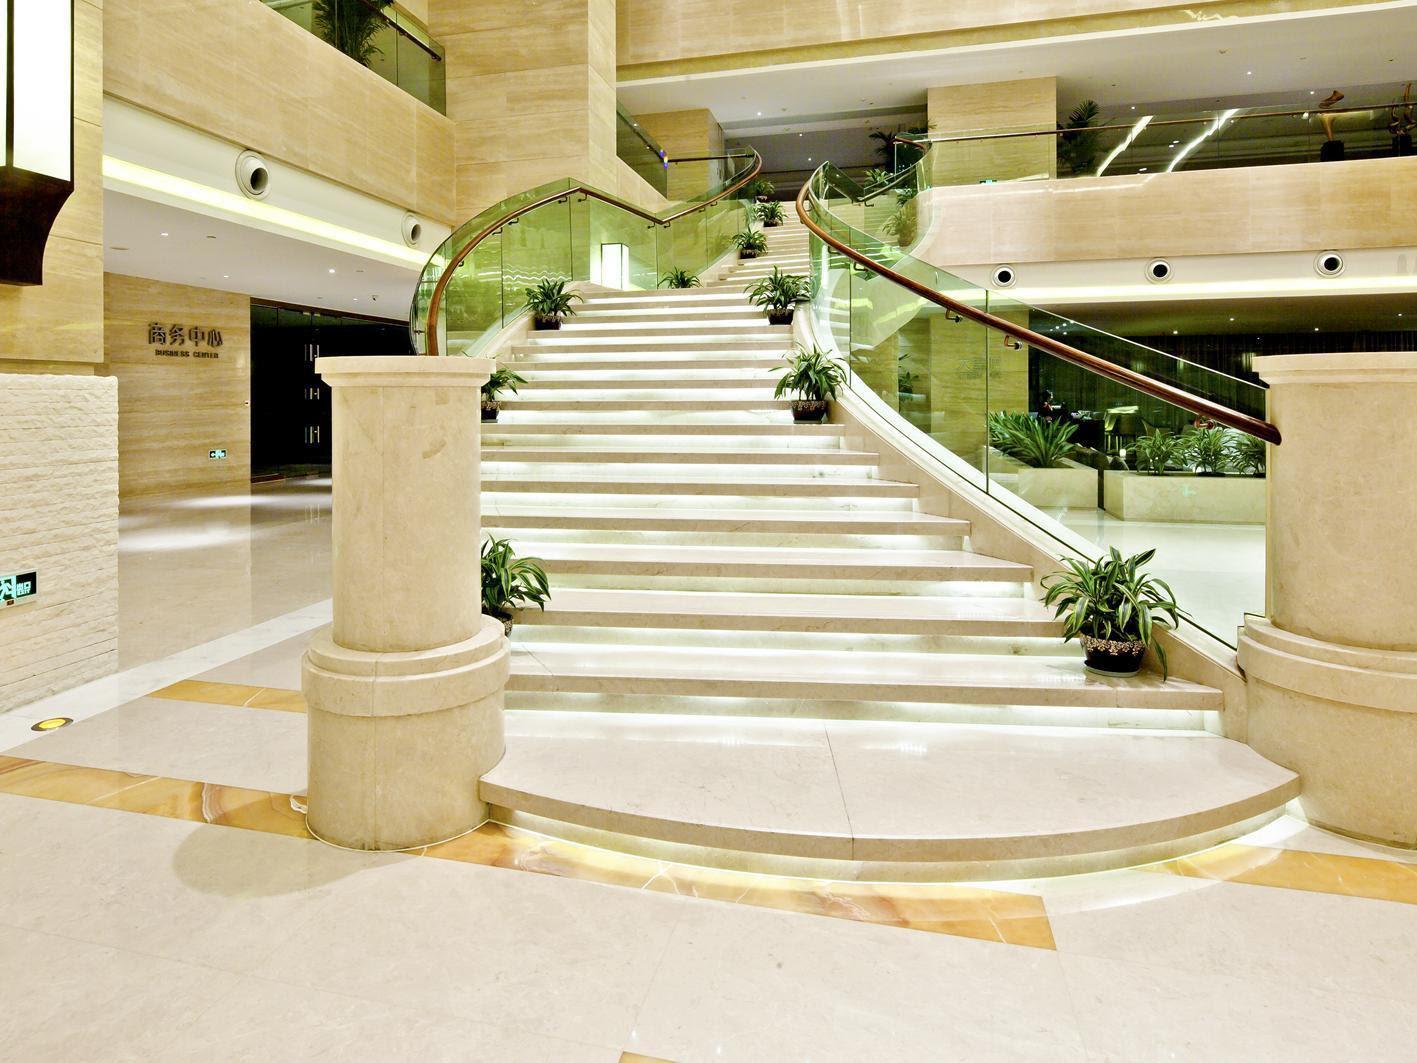 Review Hangzhou White Horse Lake Jianguo Hotel